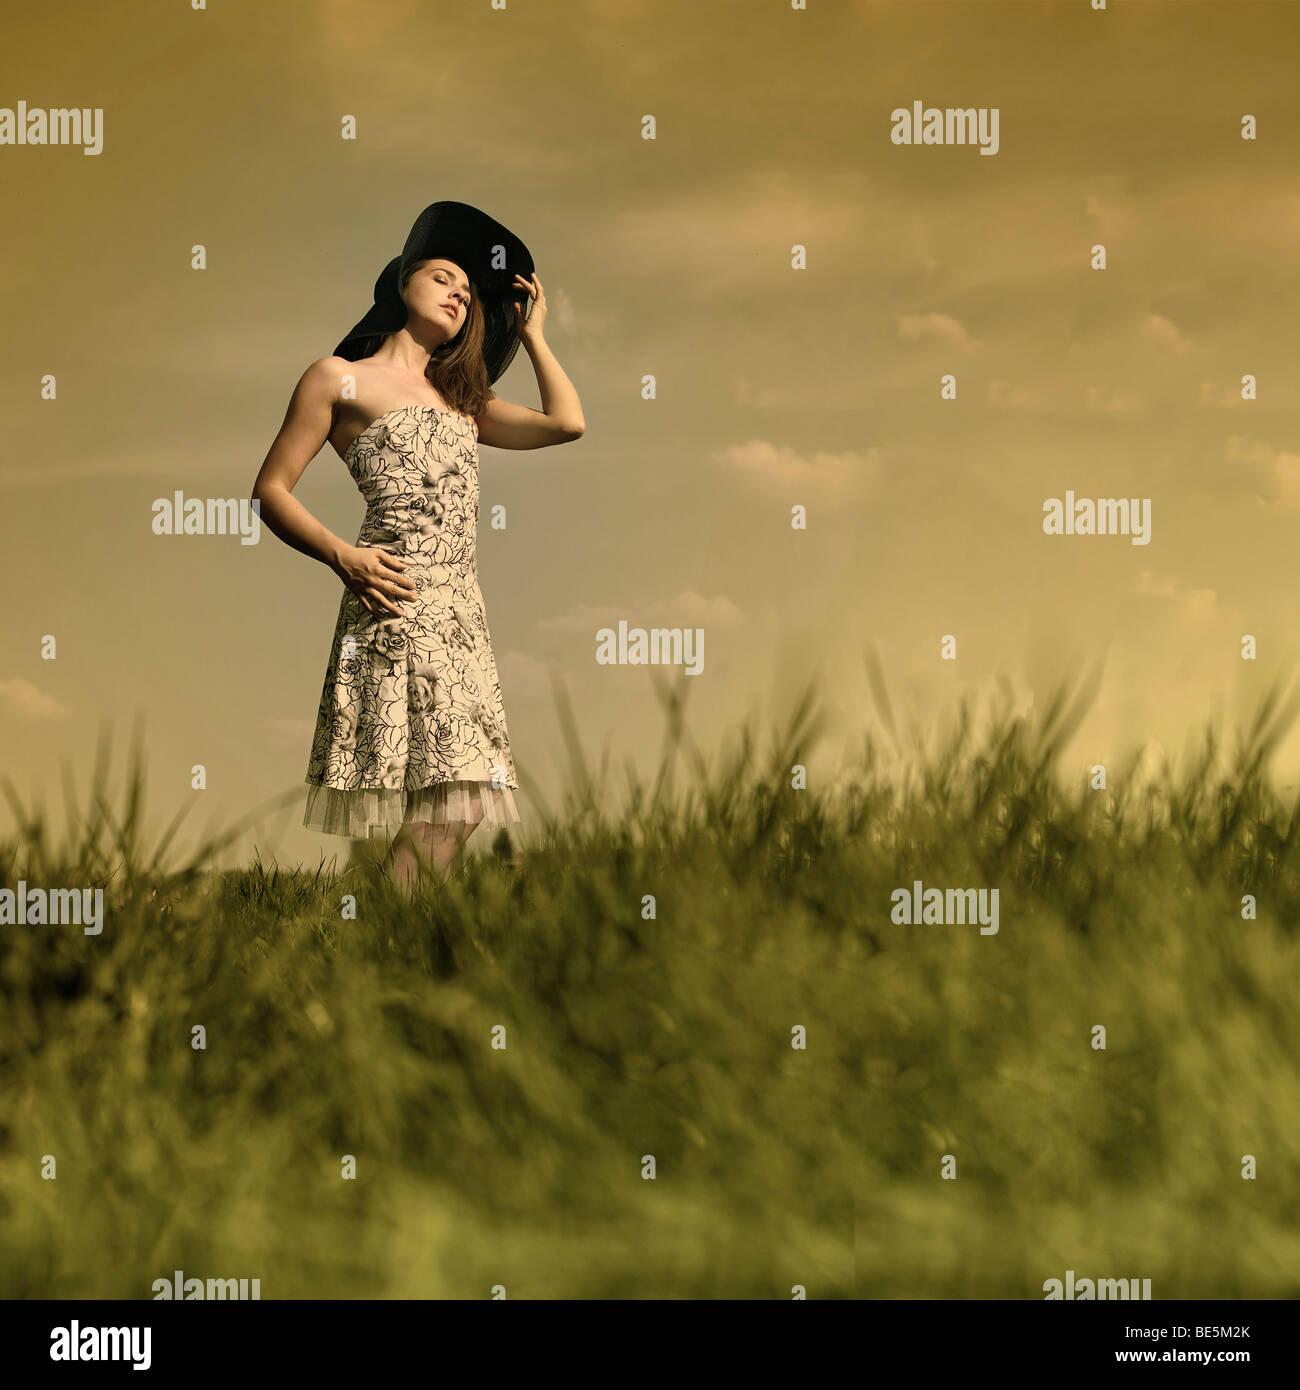 Giovane donna con un fiorito abiti estivi e grande cappello è in piedi in un prato e guardando nel sole Immagini Stock